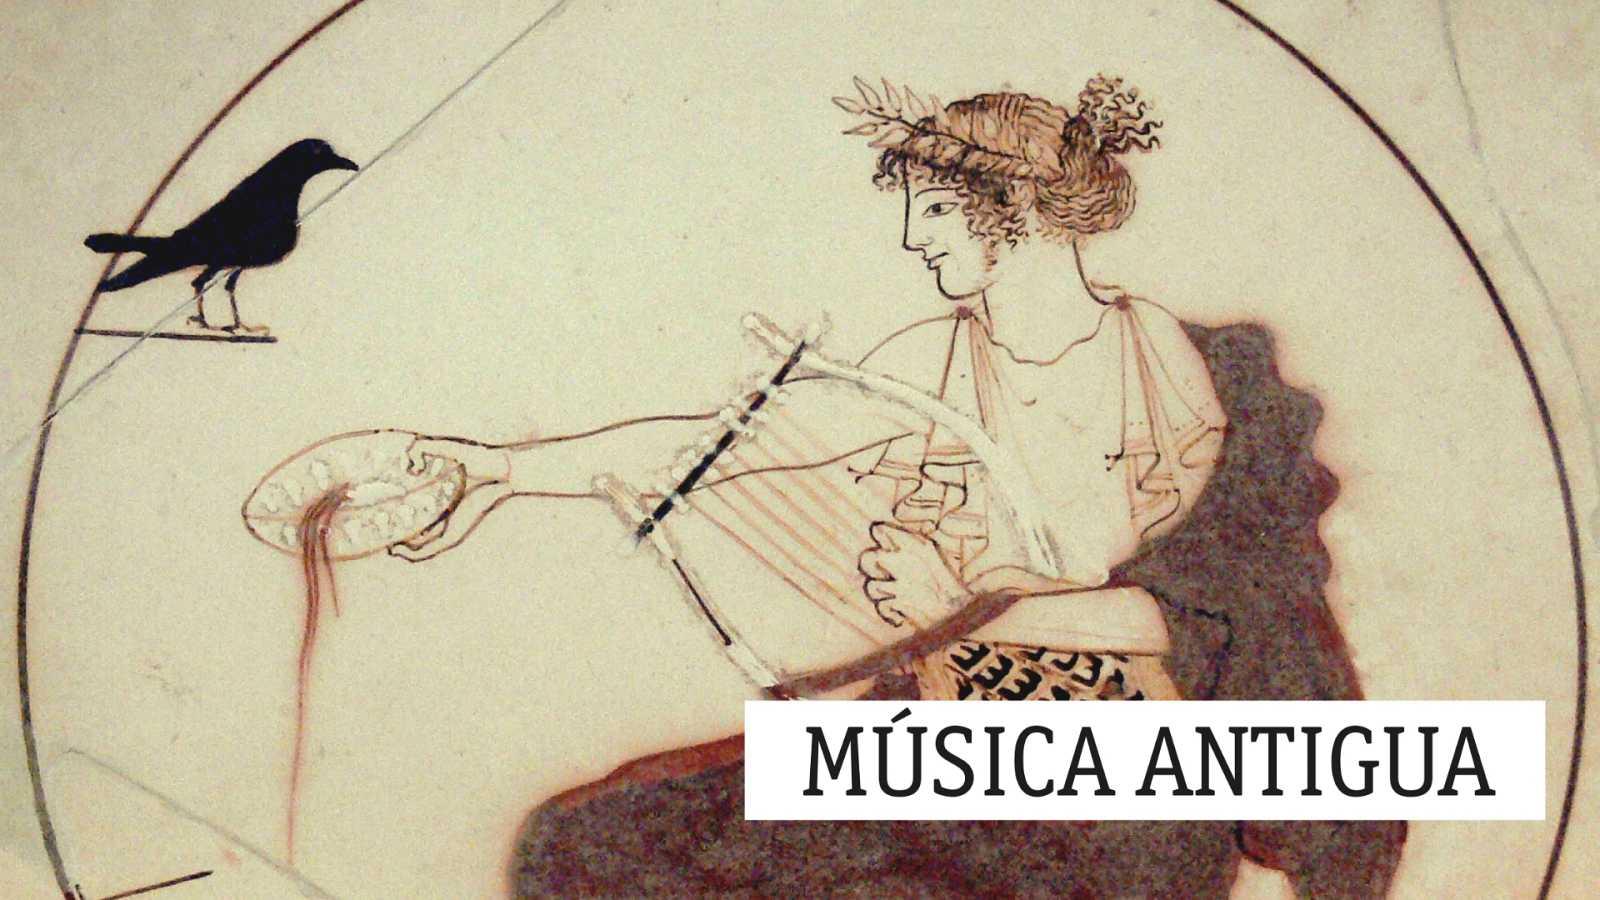 Música antigua - Danzas (III) - 16/03/21 - escuchar ahora